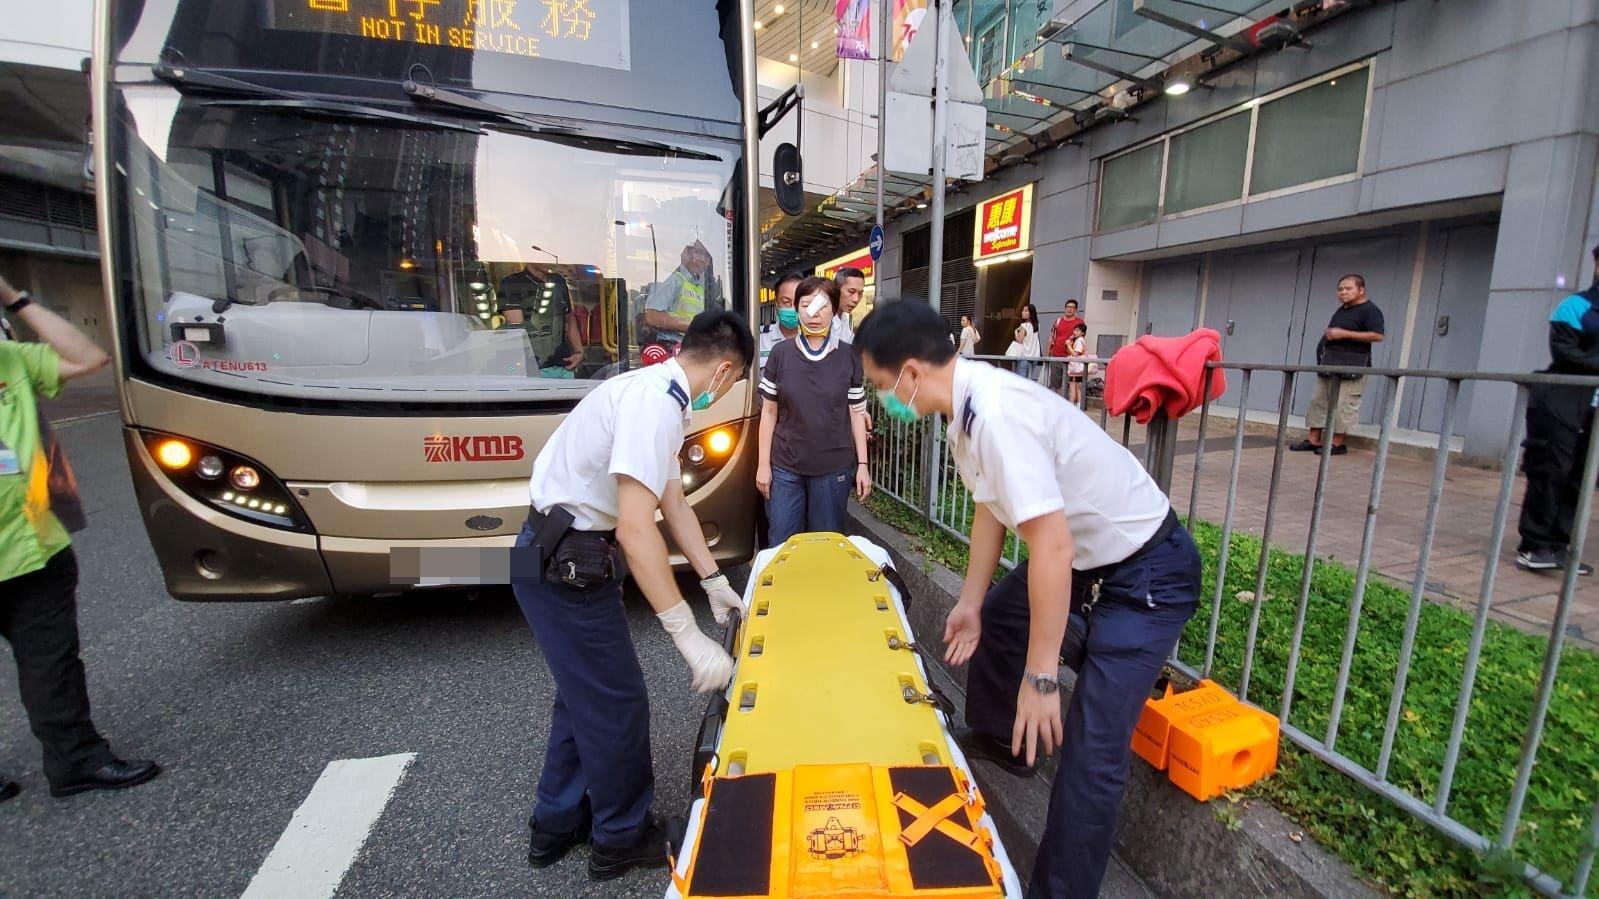 的士将军澳突切缐致九巴急停 两女乘客受伤送院